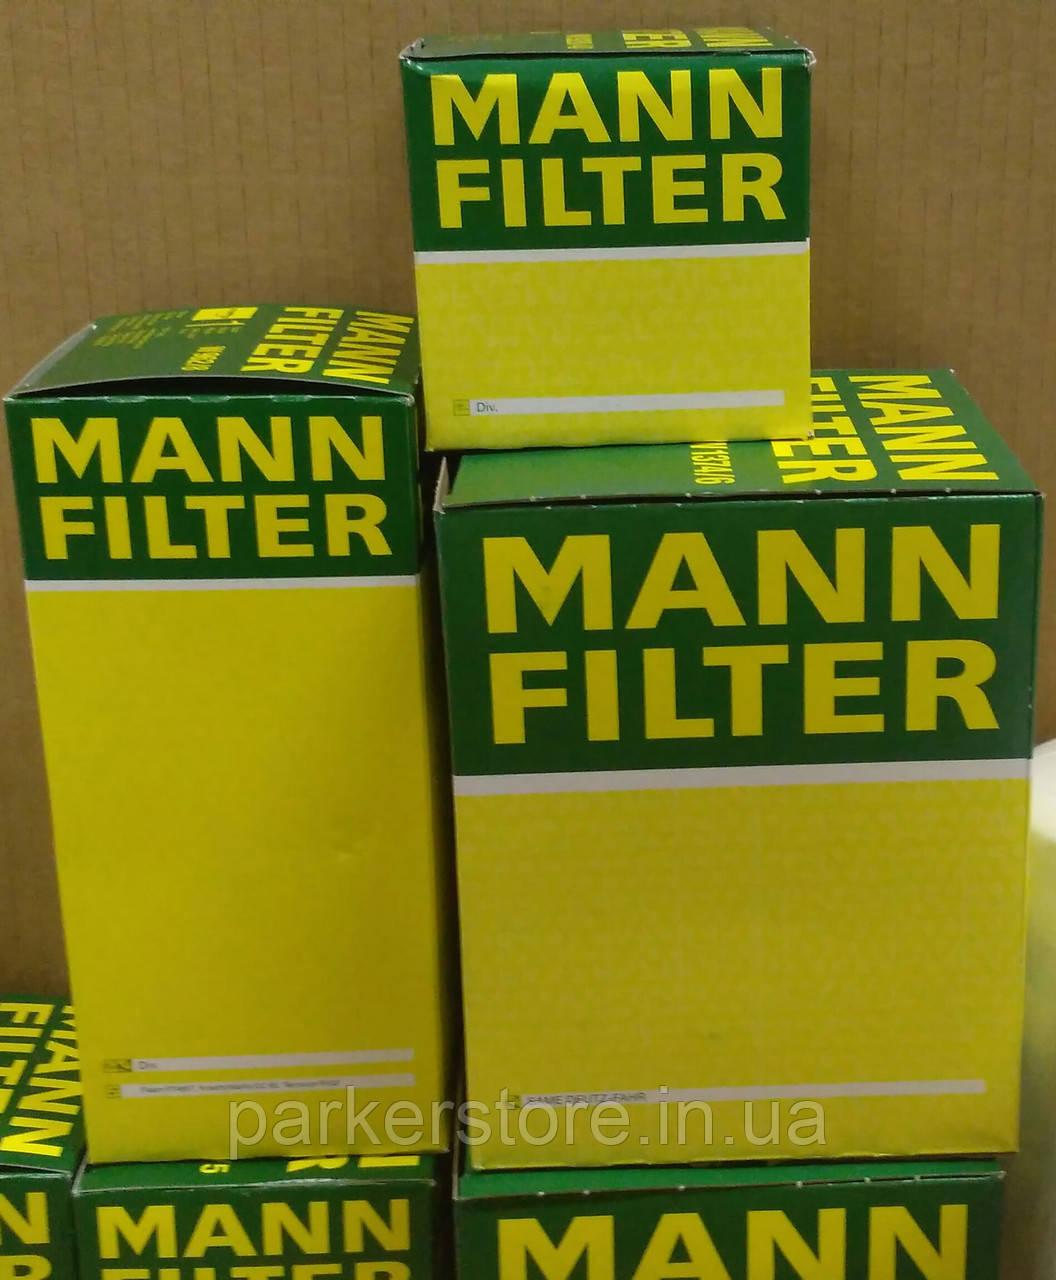 MANN FILTER / Воздушный фильтр / C 2852 / C2852